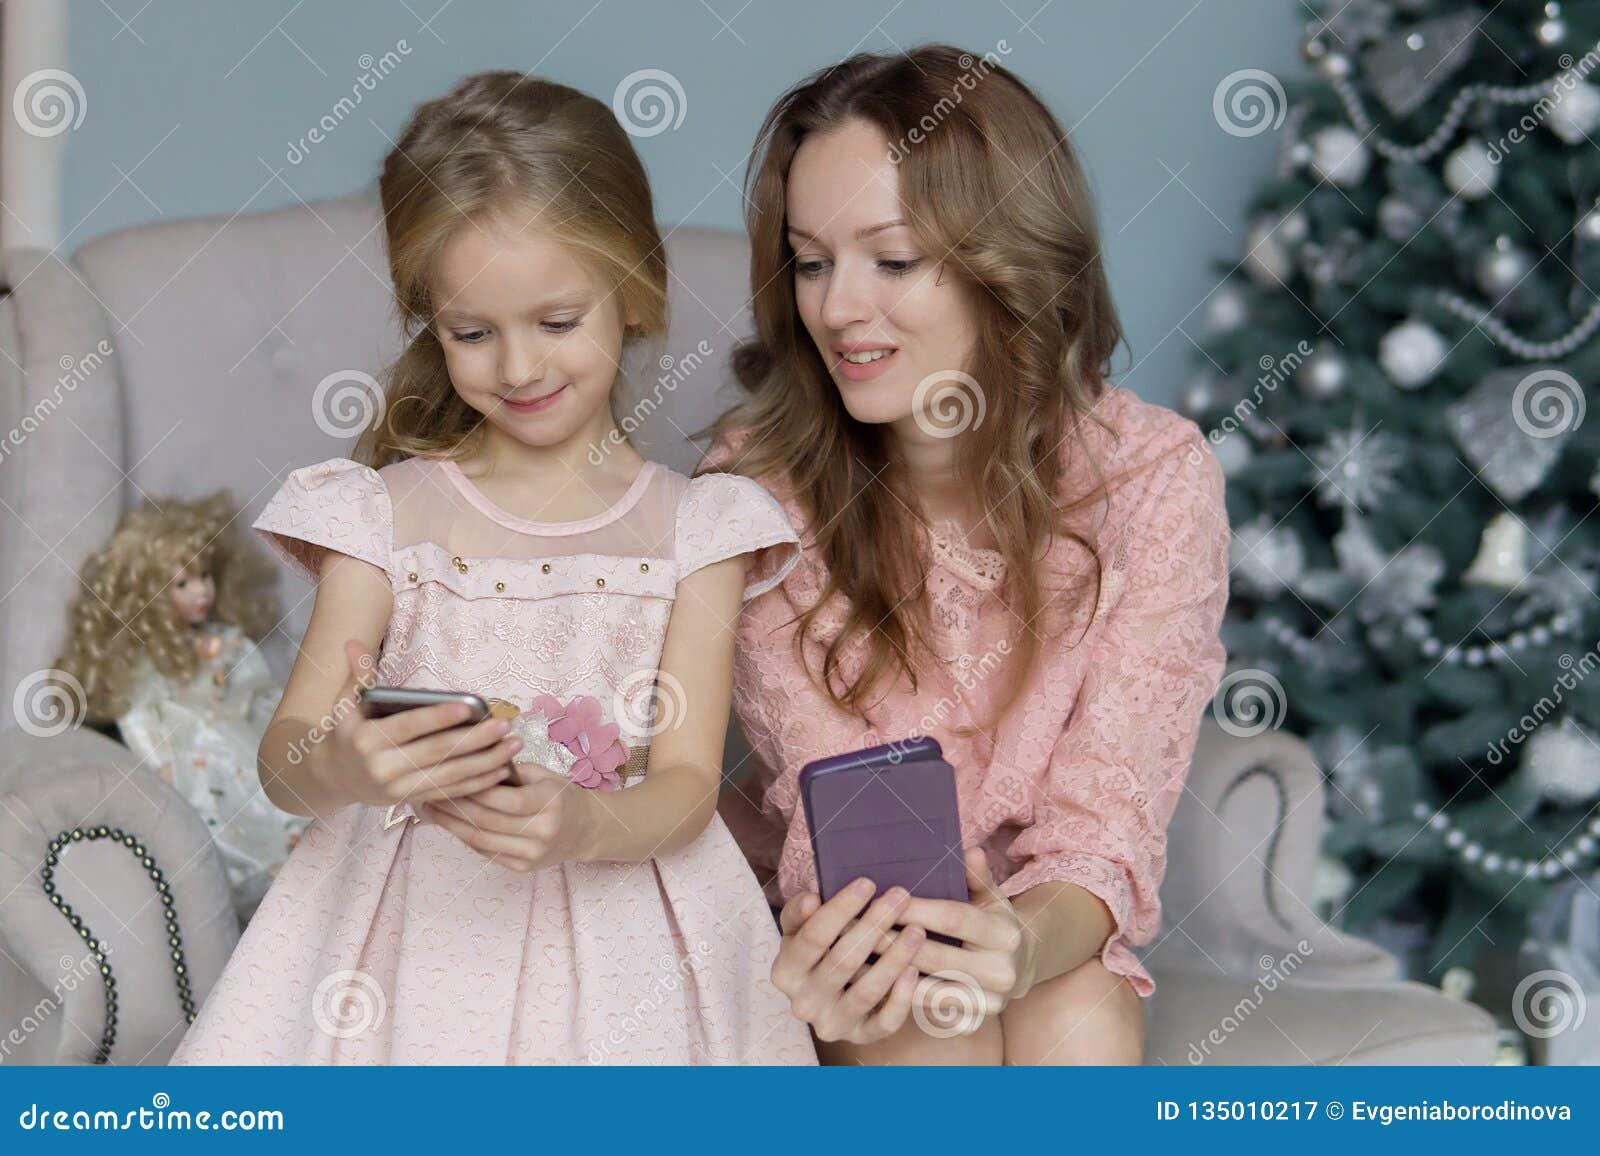 Den blonda kvinnan i en rosa blus sitter på soffan och rymmer en mobiltelefon i ett purpurfärgat fall bredvid dotter 5 år gamla b